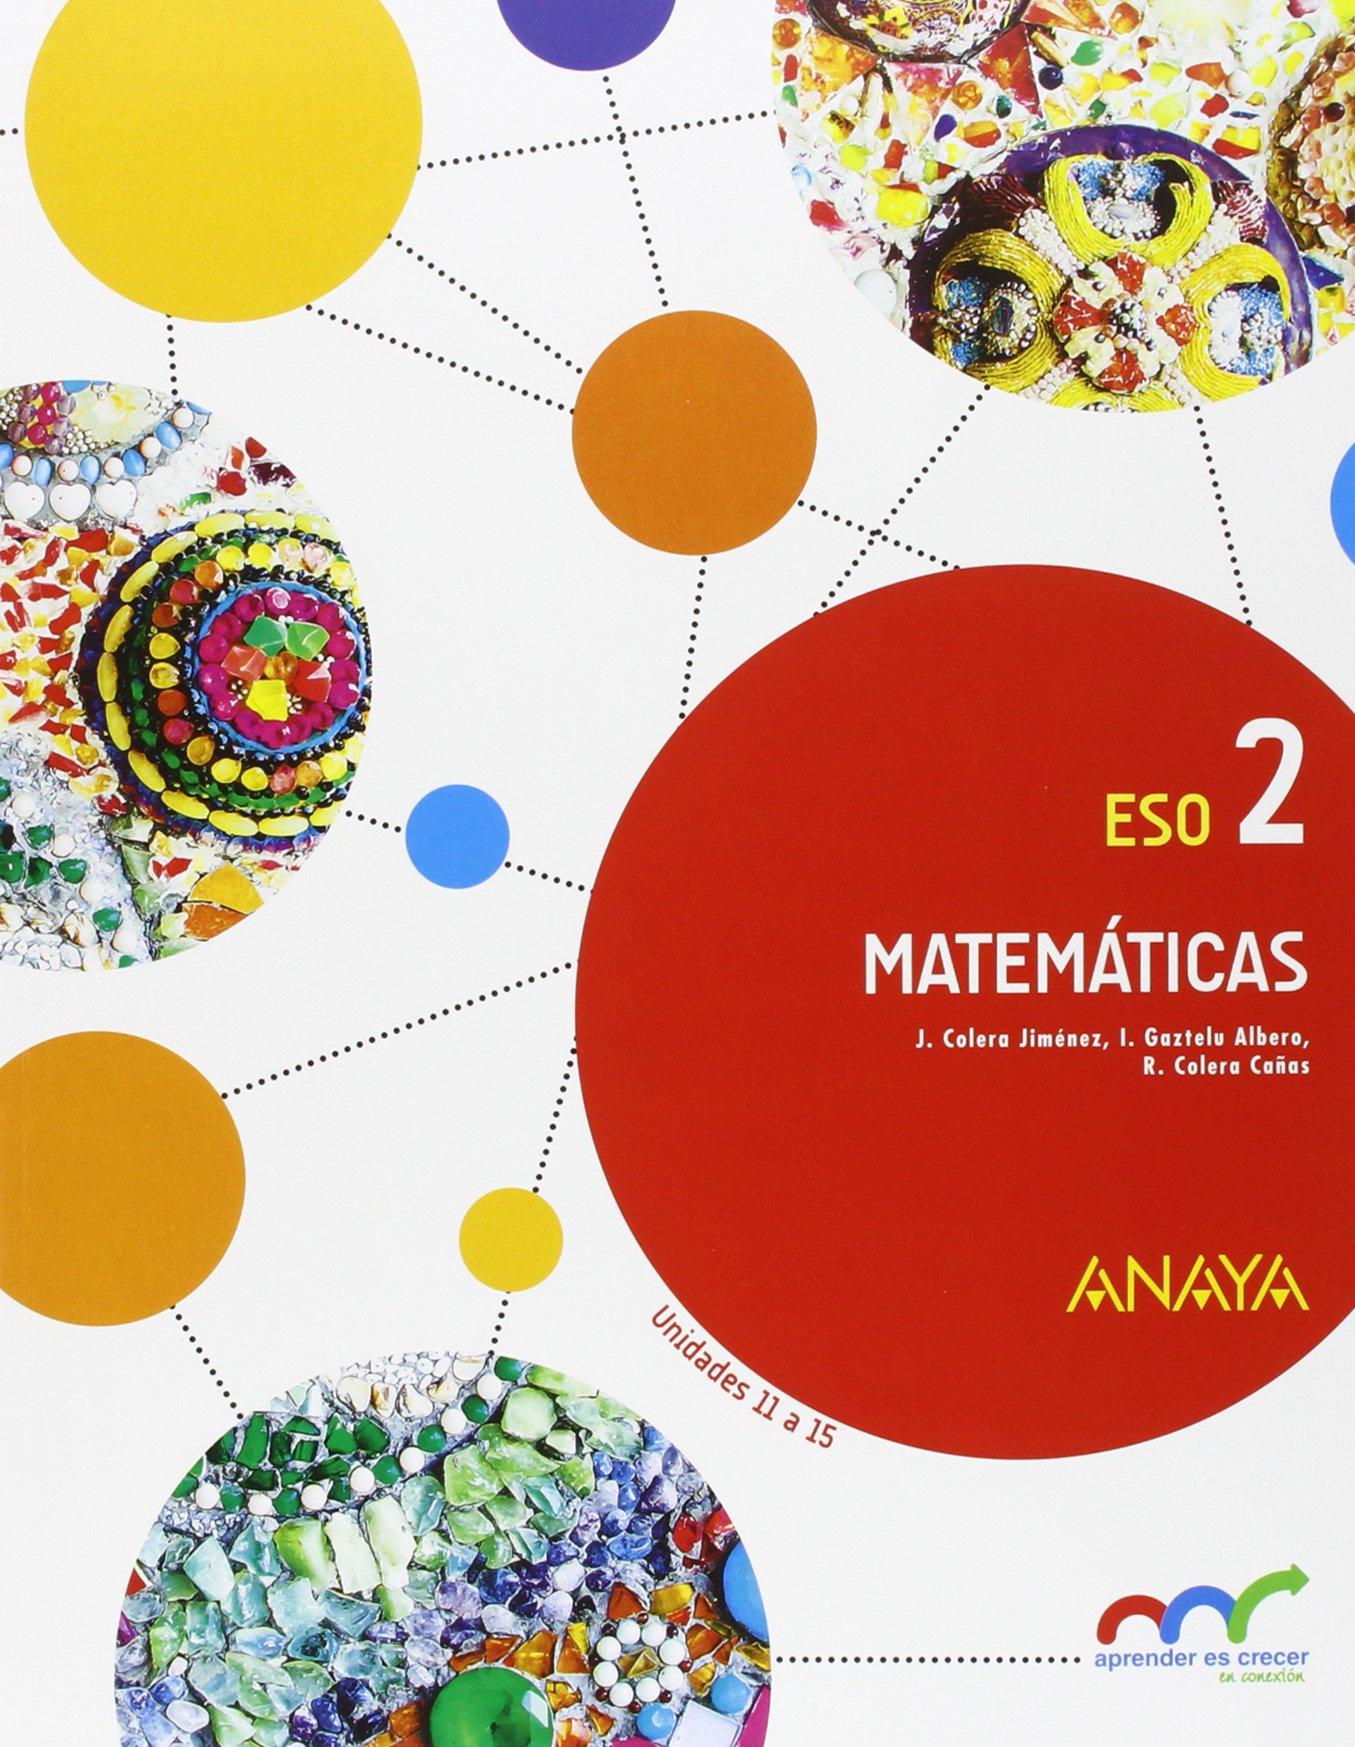 Matemáticas 2 Aprender Es Crecer En Conexión Amazon Es Colera Jiménez José Gaztelu Albero Ignacio Colera Cañas Ramón Libros